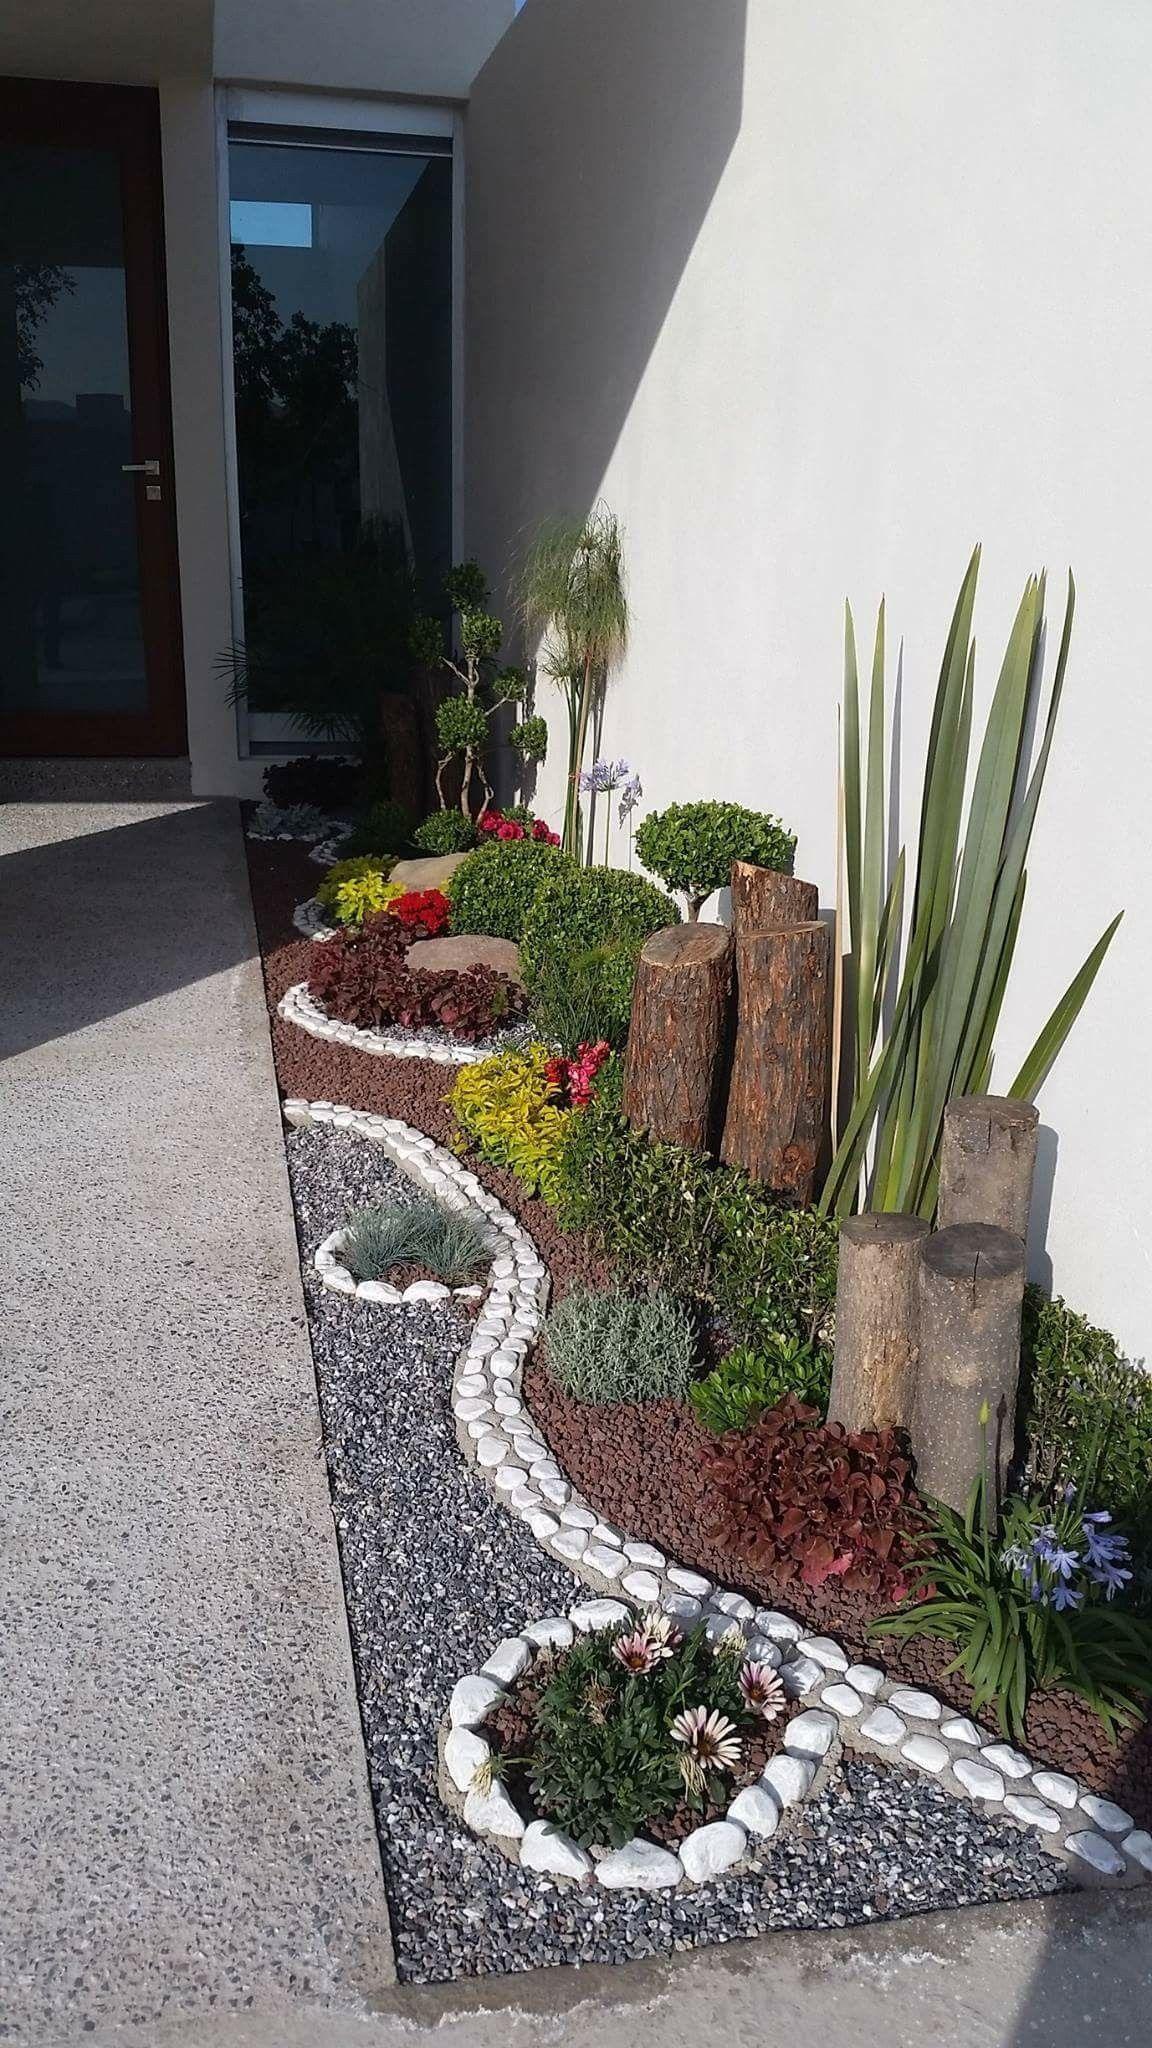 Ландшафтный дизайн #betonblockgarten Ландшафтный дизайн #betonblockgarten